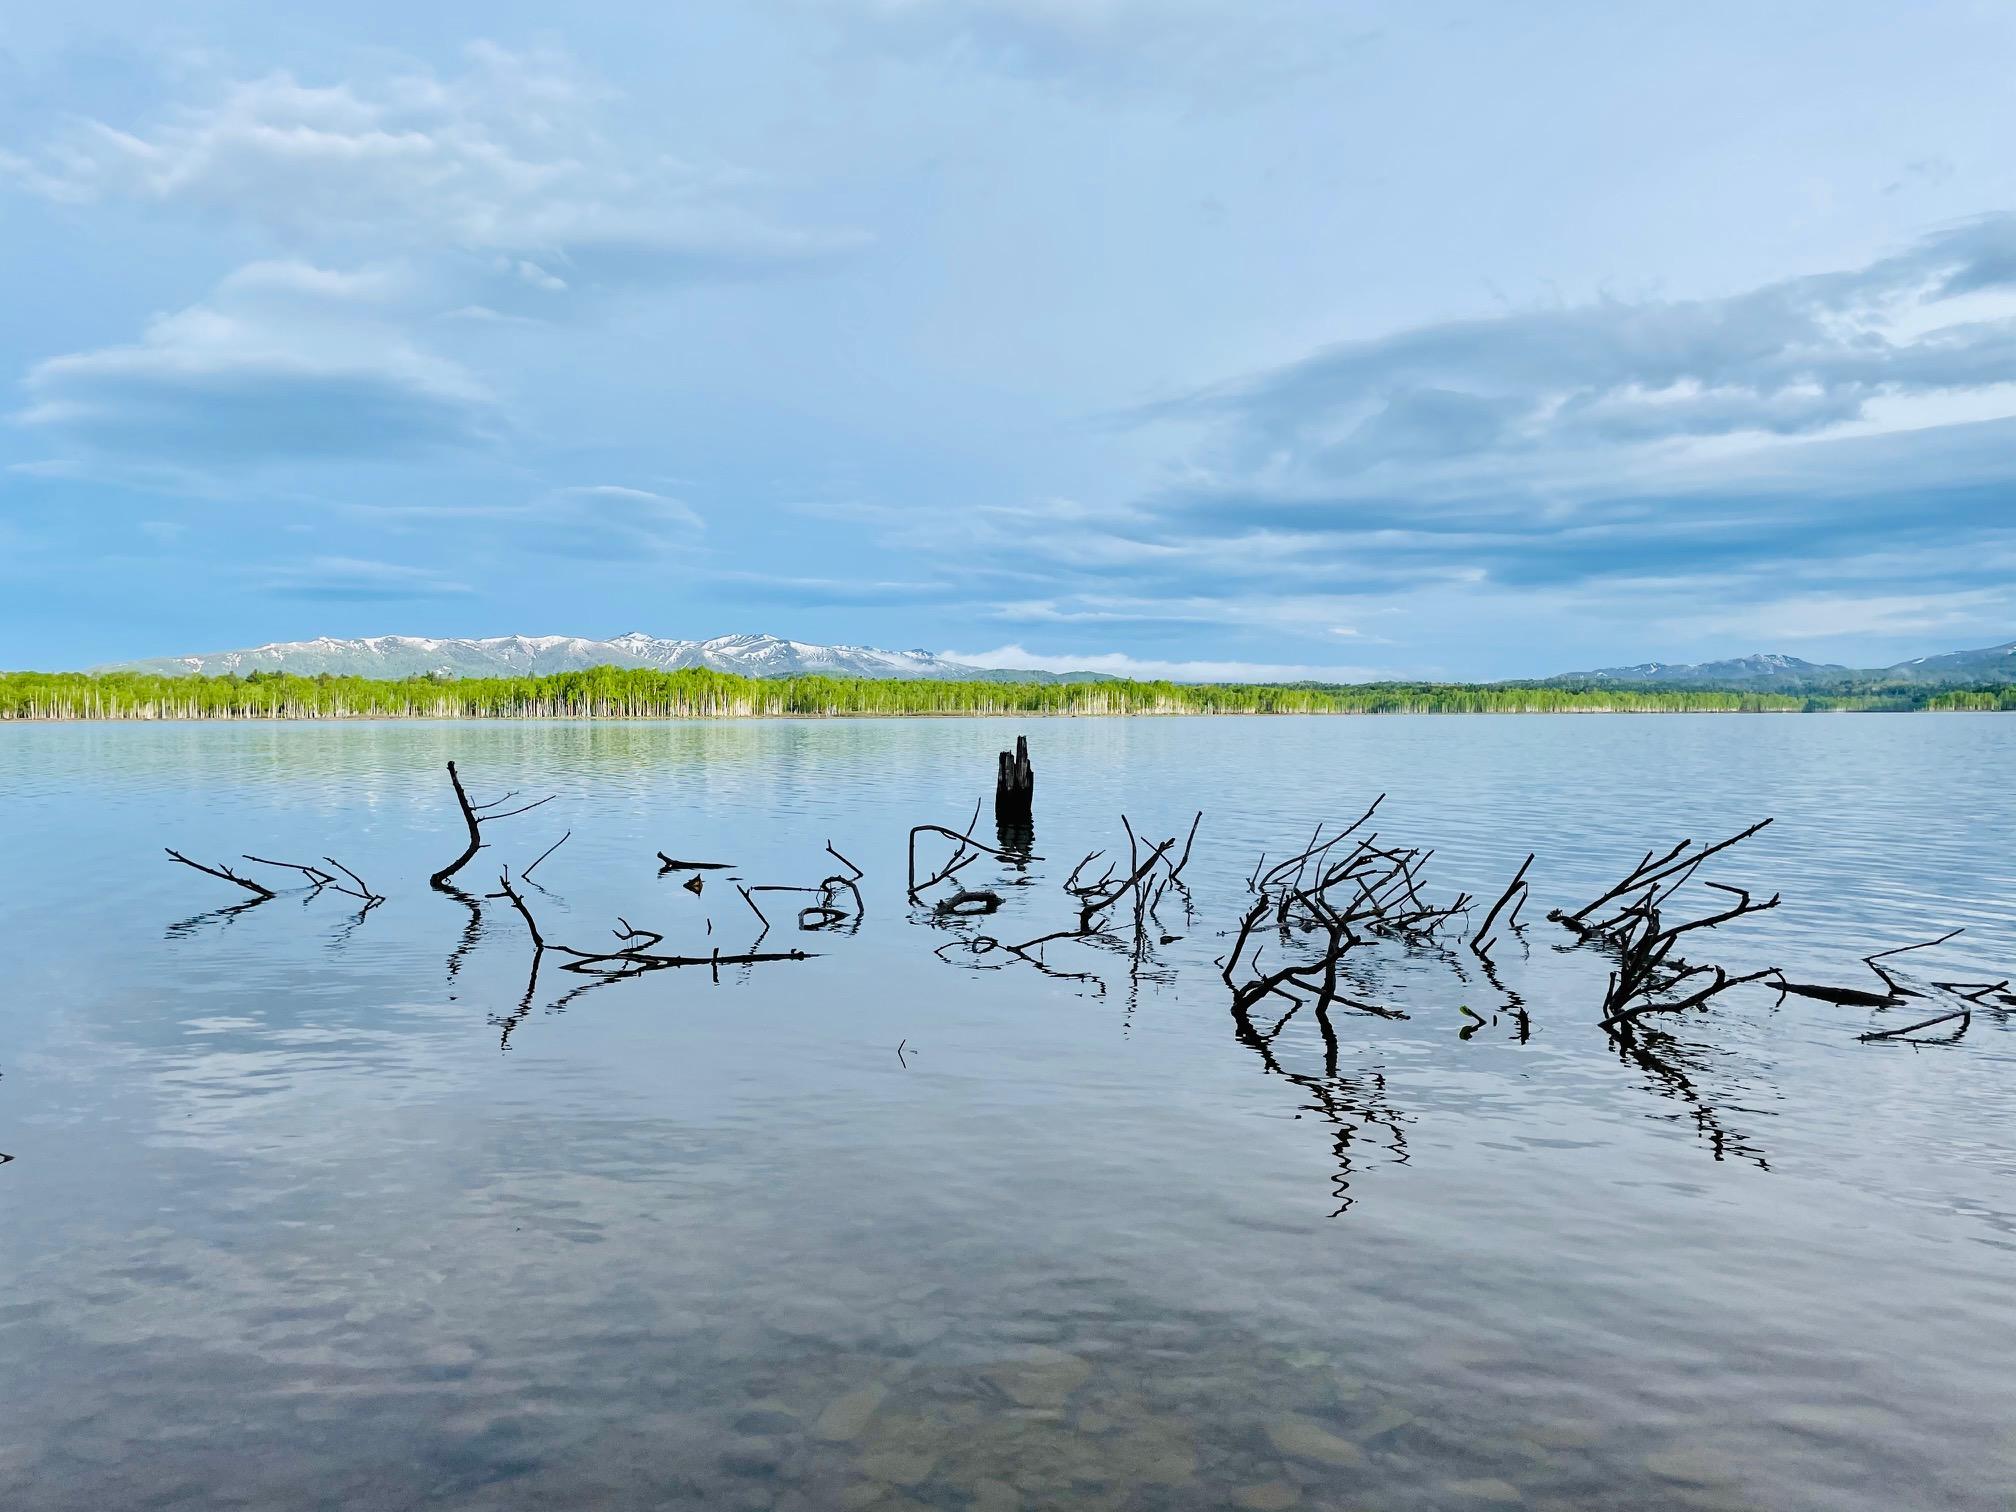 朱鞠内湖 冠水したヤナギ